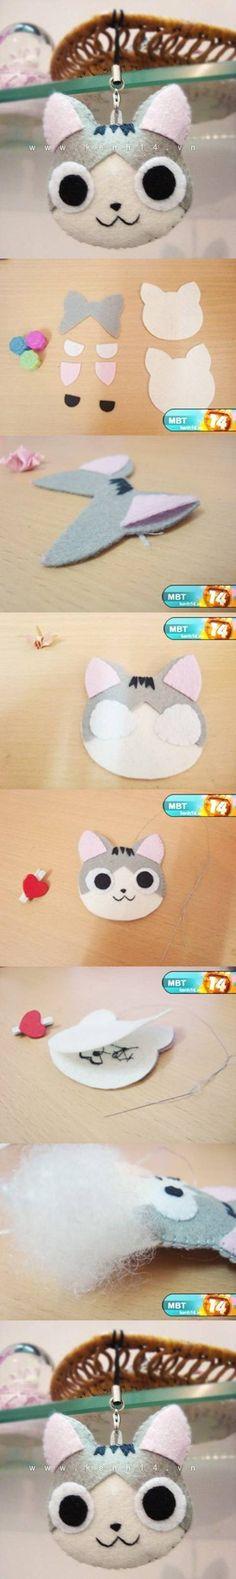 Felt   DIY Kitten Keychain